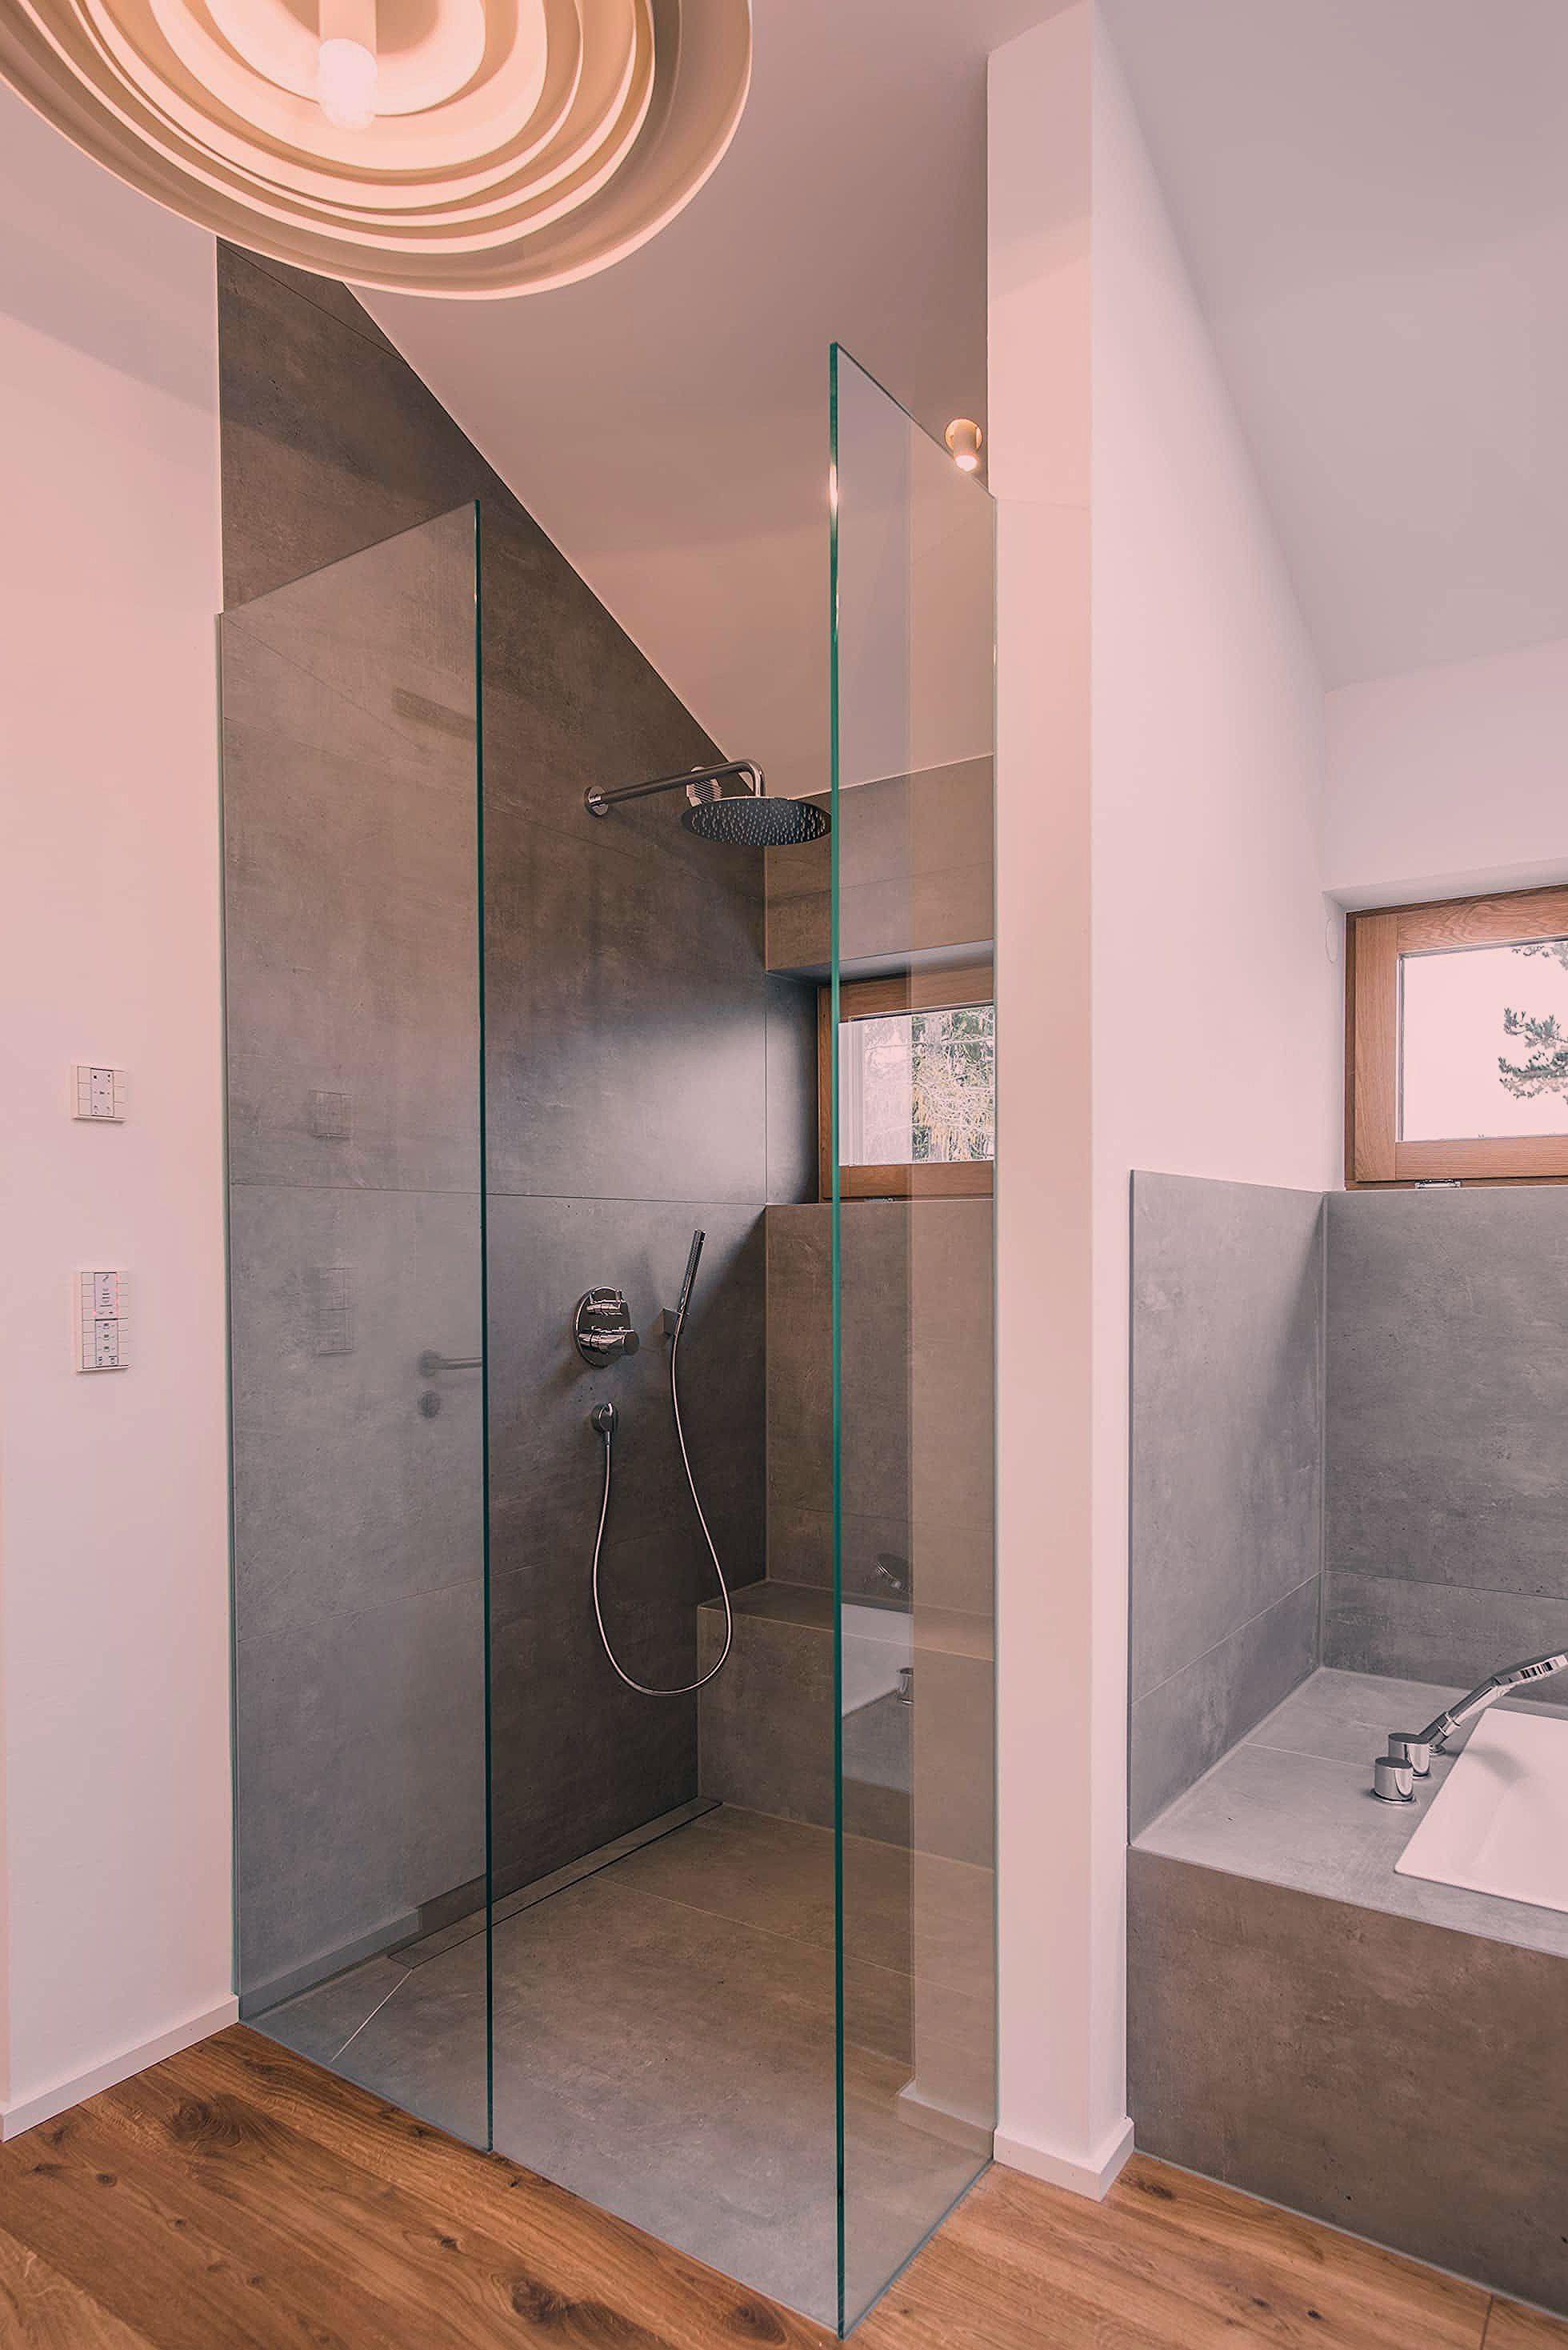 Badezimmer Dusche Badezimmer Von Mannsperger Mobel Raumdesign Modern Badezimmer Badezimmer Design Badezimmer Mit Dusche